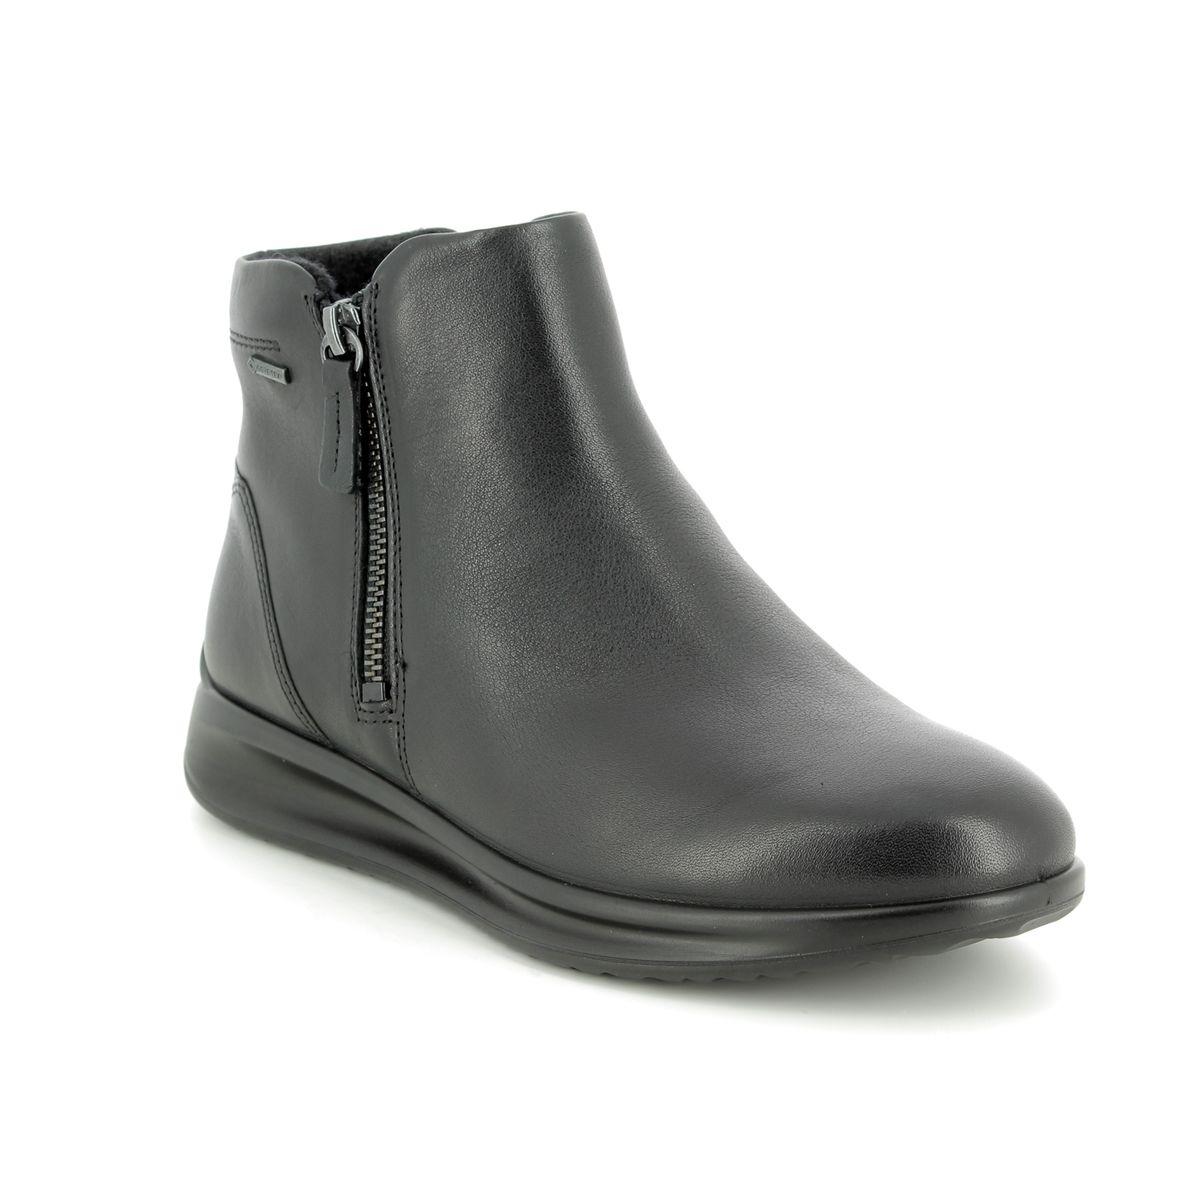 b8ead76960 207083/01001 Aquet Zip Gore-tex at Begg Shoes & Bags